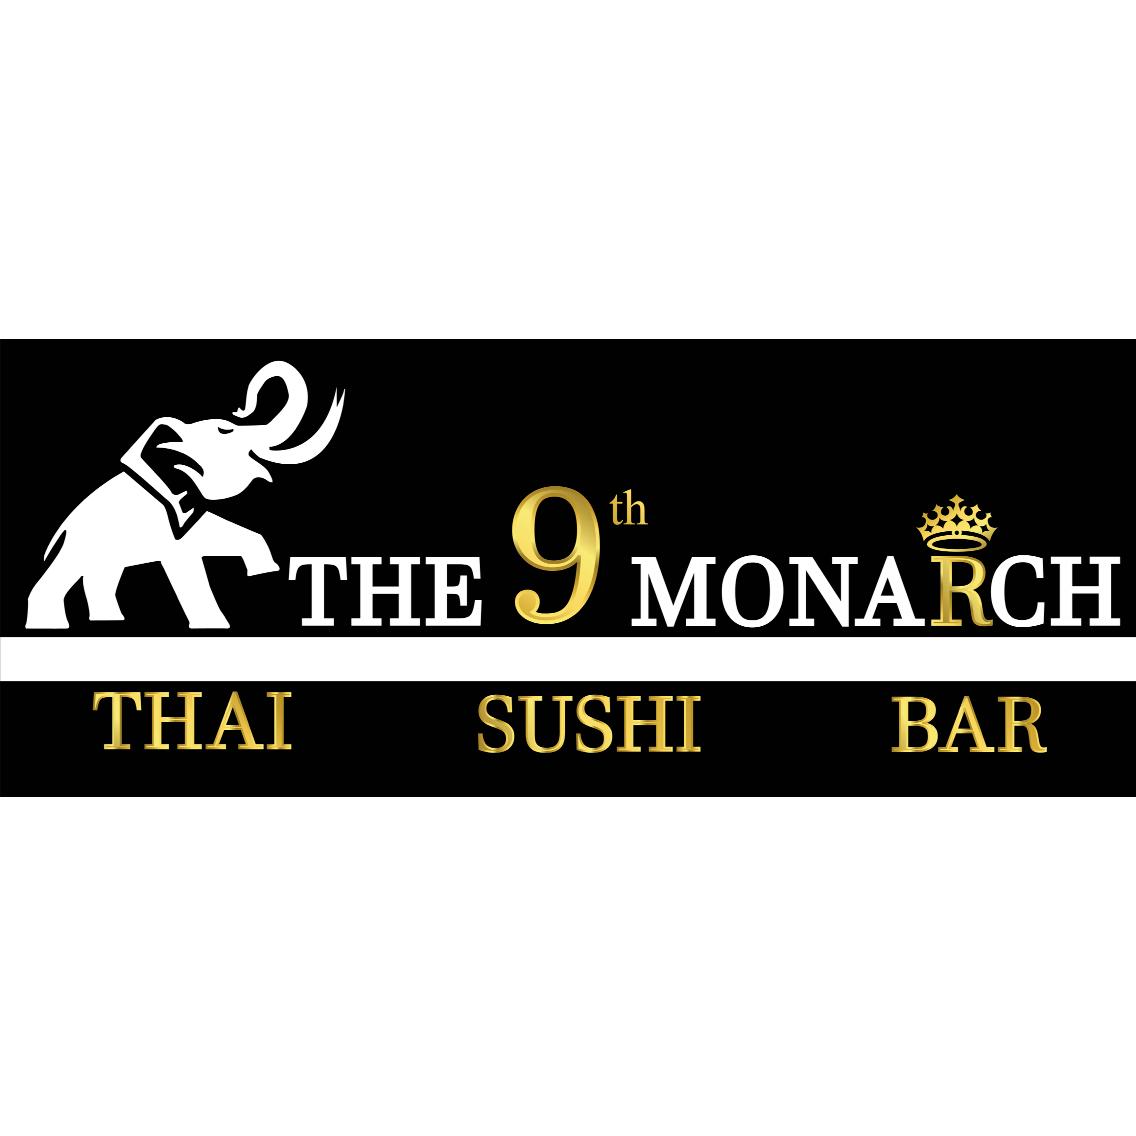 The 9th Monarch